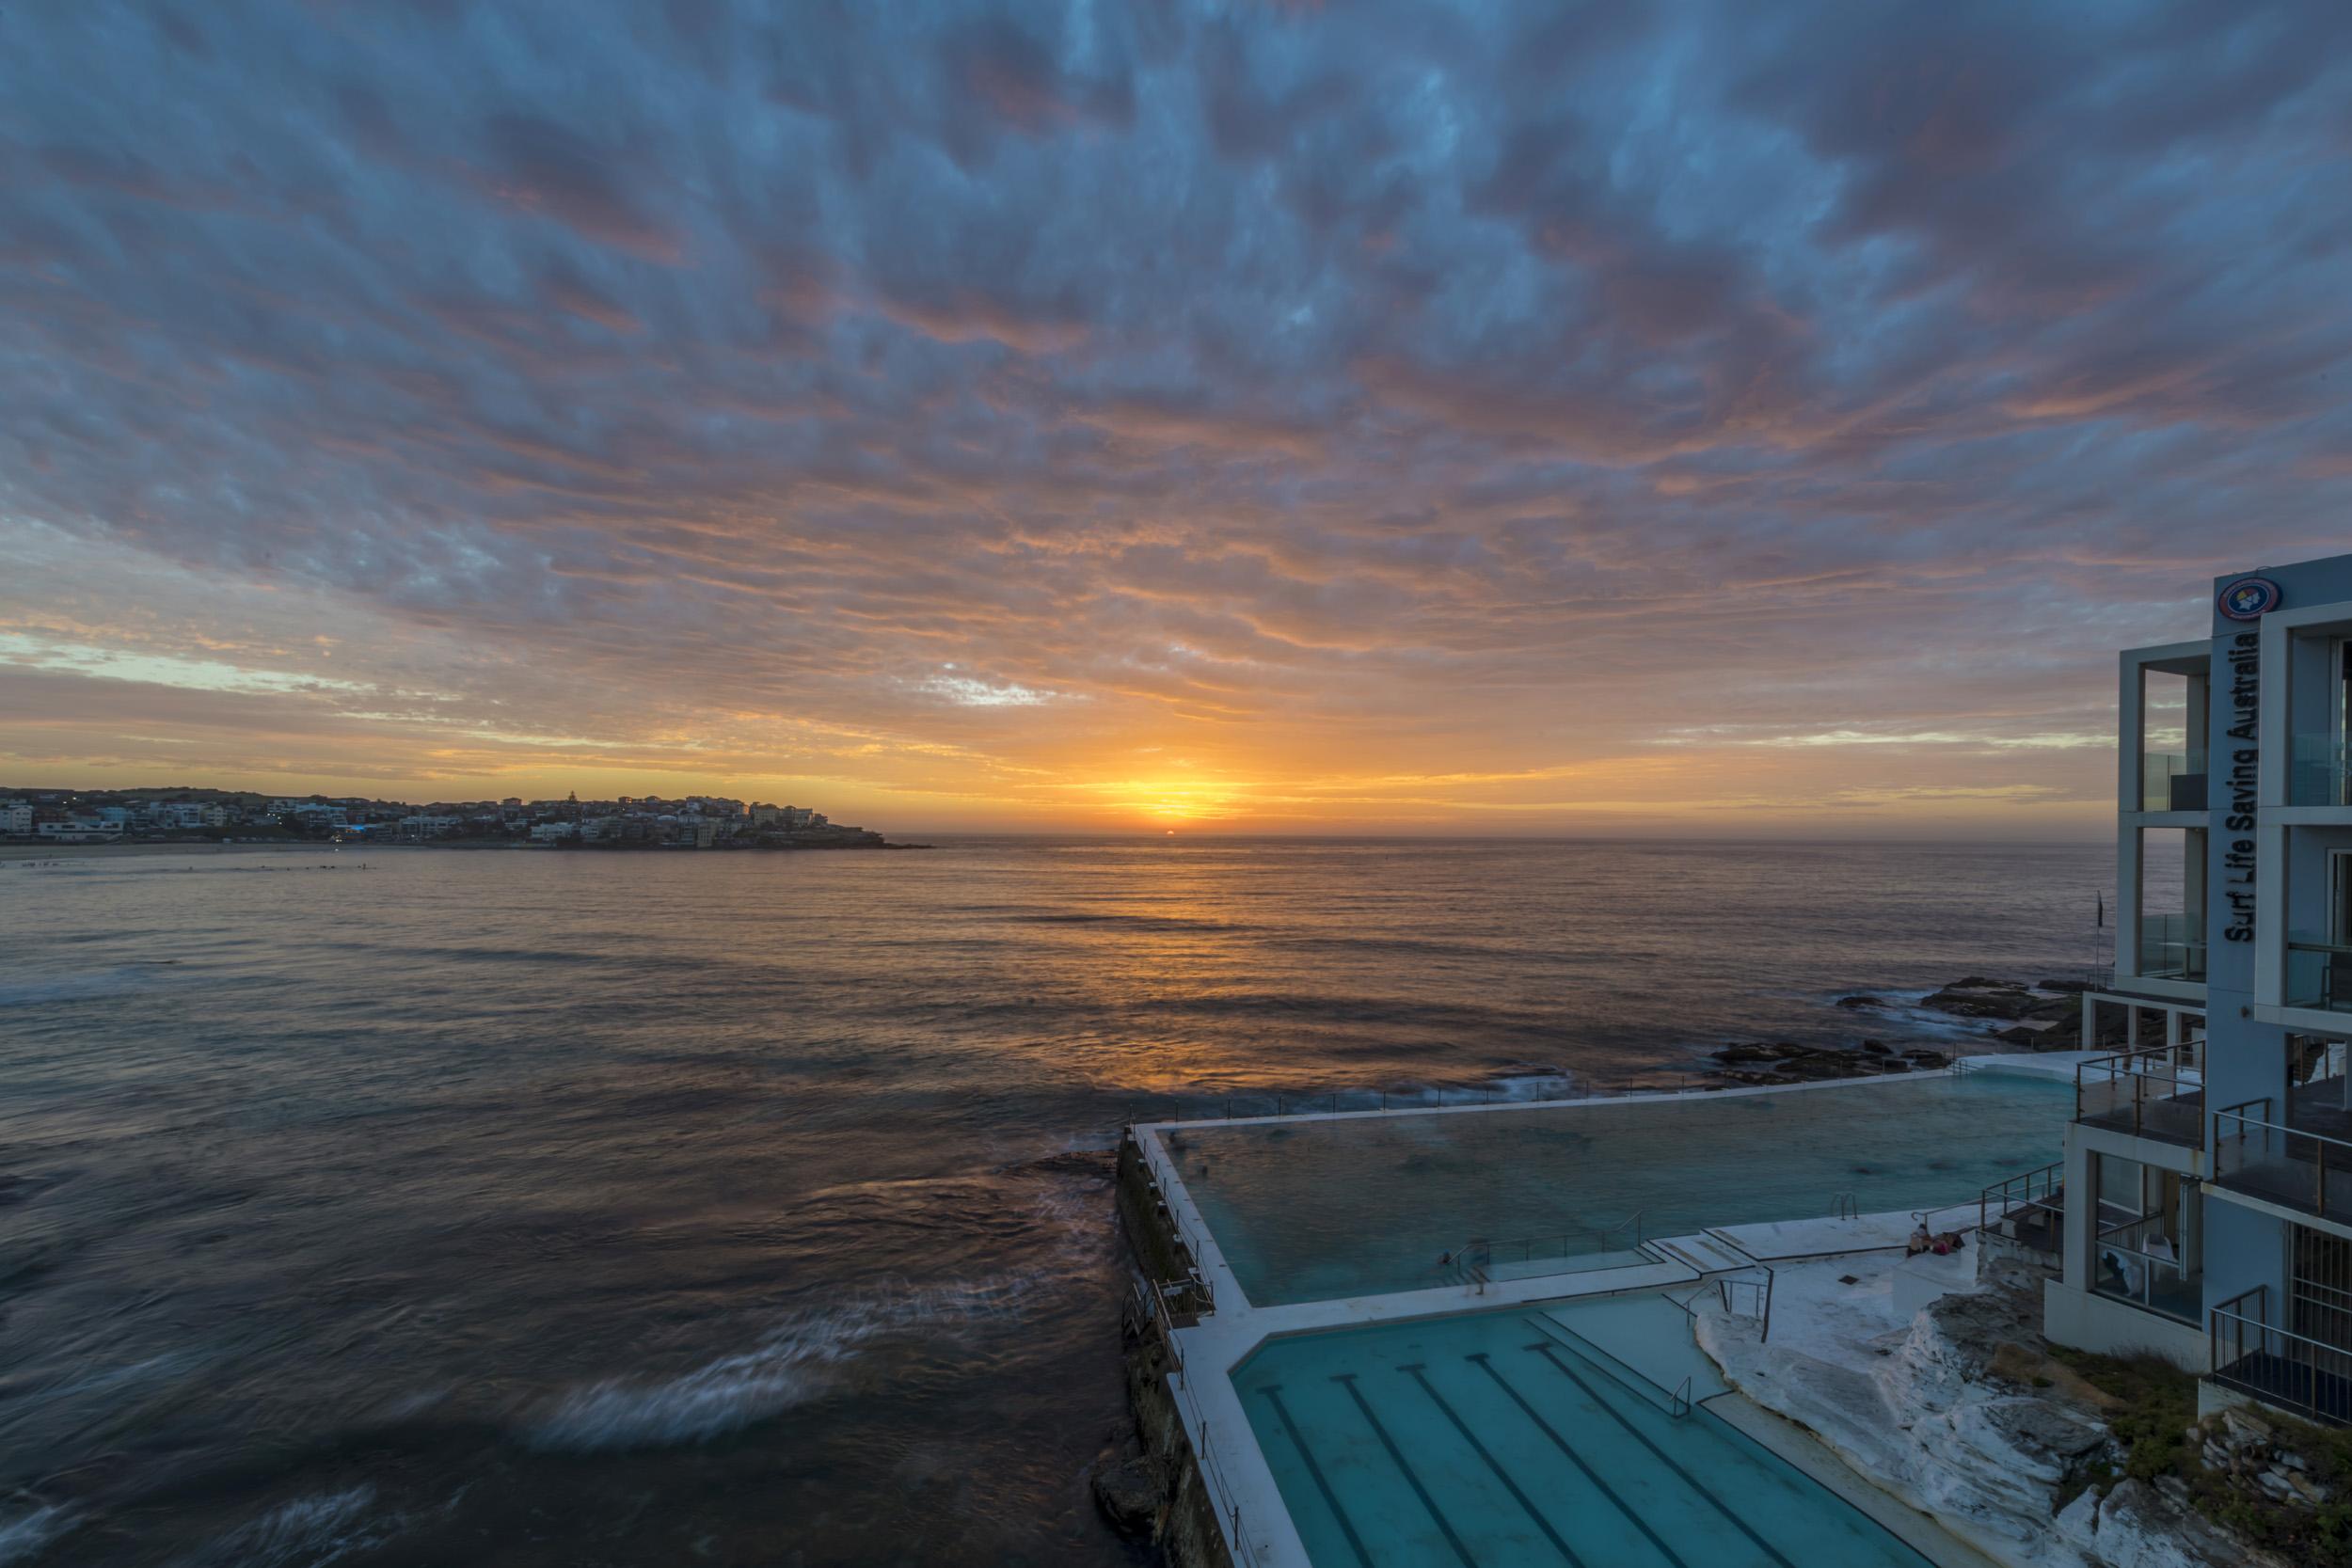 Sunrise over Bondi